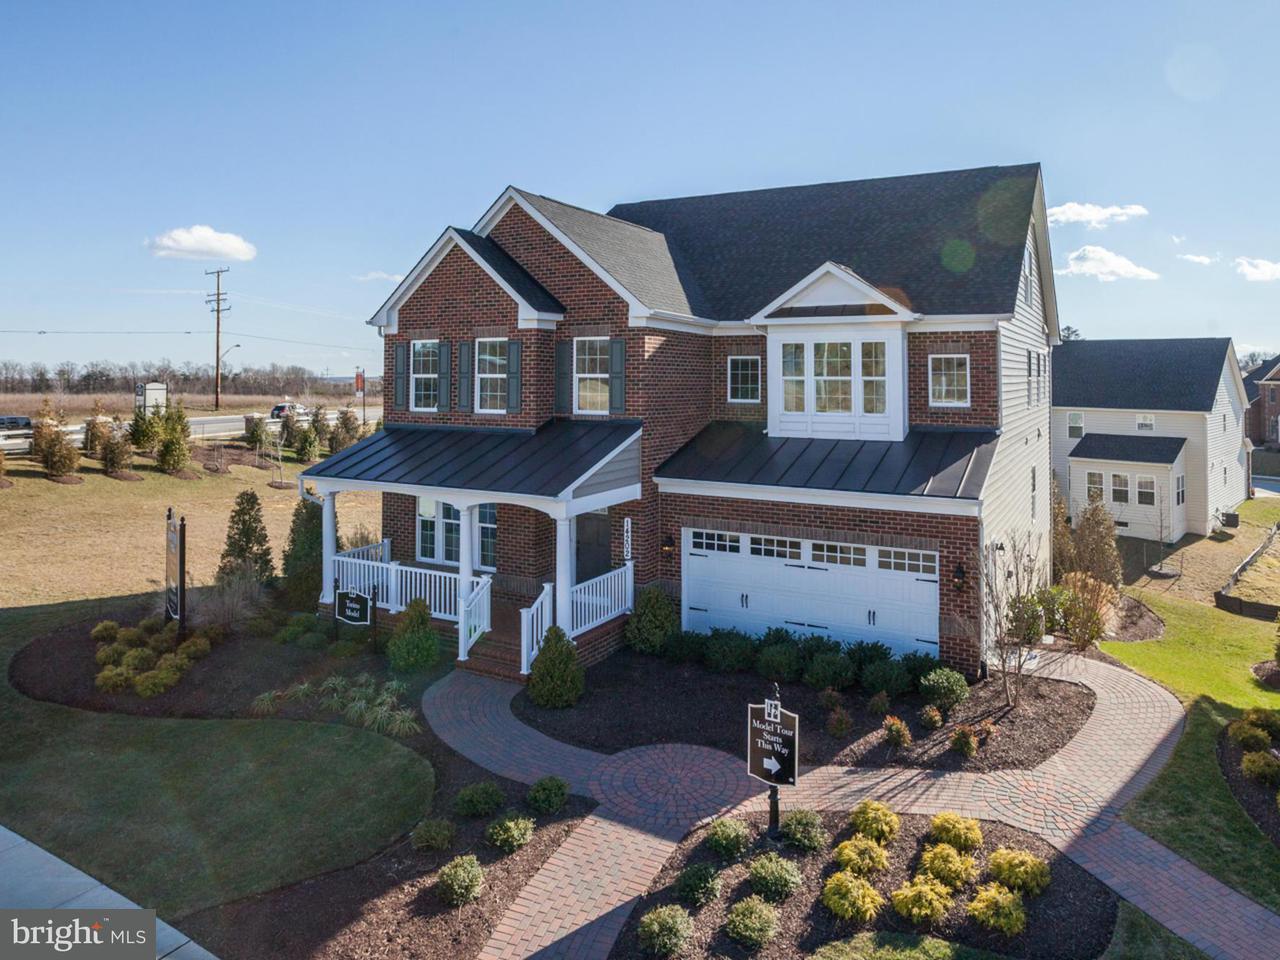 Casa Unifamiliar por un Venta en 4332 CAMLEY WAY 4332 CAMLEY WAY Burtonsville, Maryland 20866 Estados Unidos